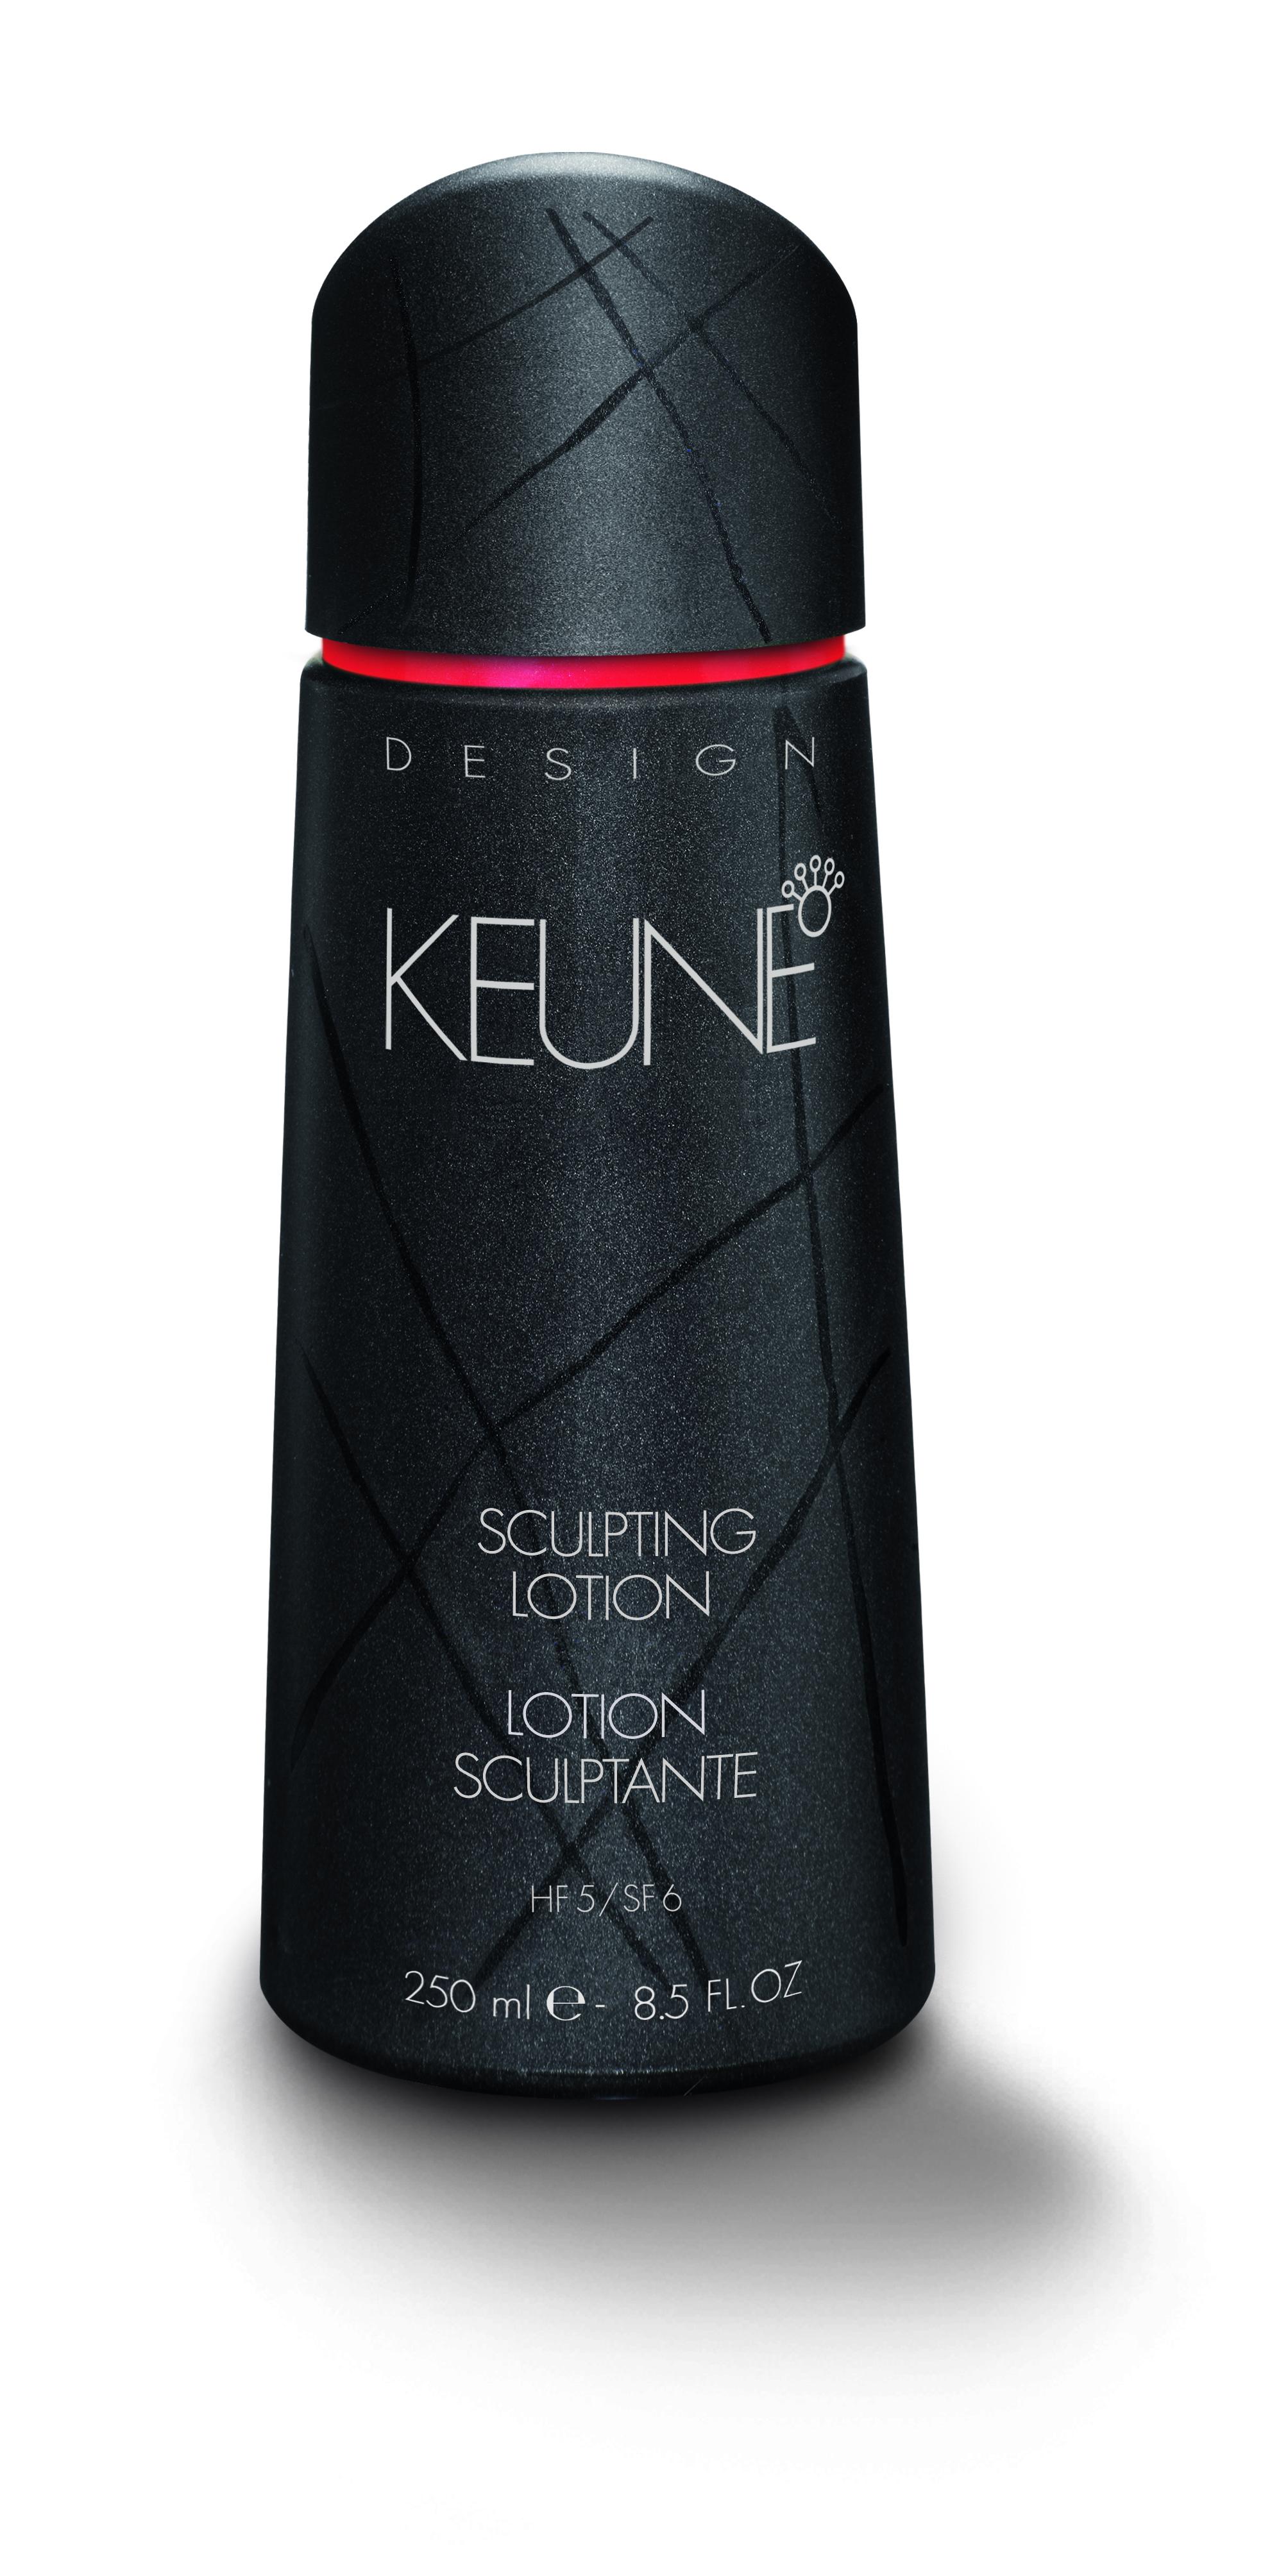 KEUNE ������ ��� ��������� ������� ����� / SCULPTING LOTION 250��